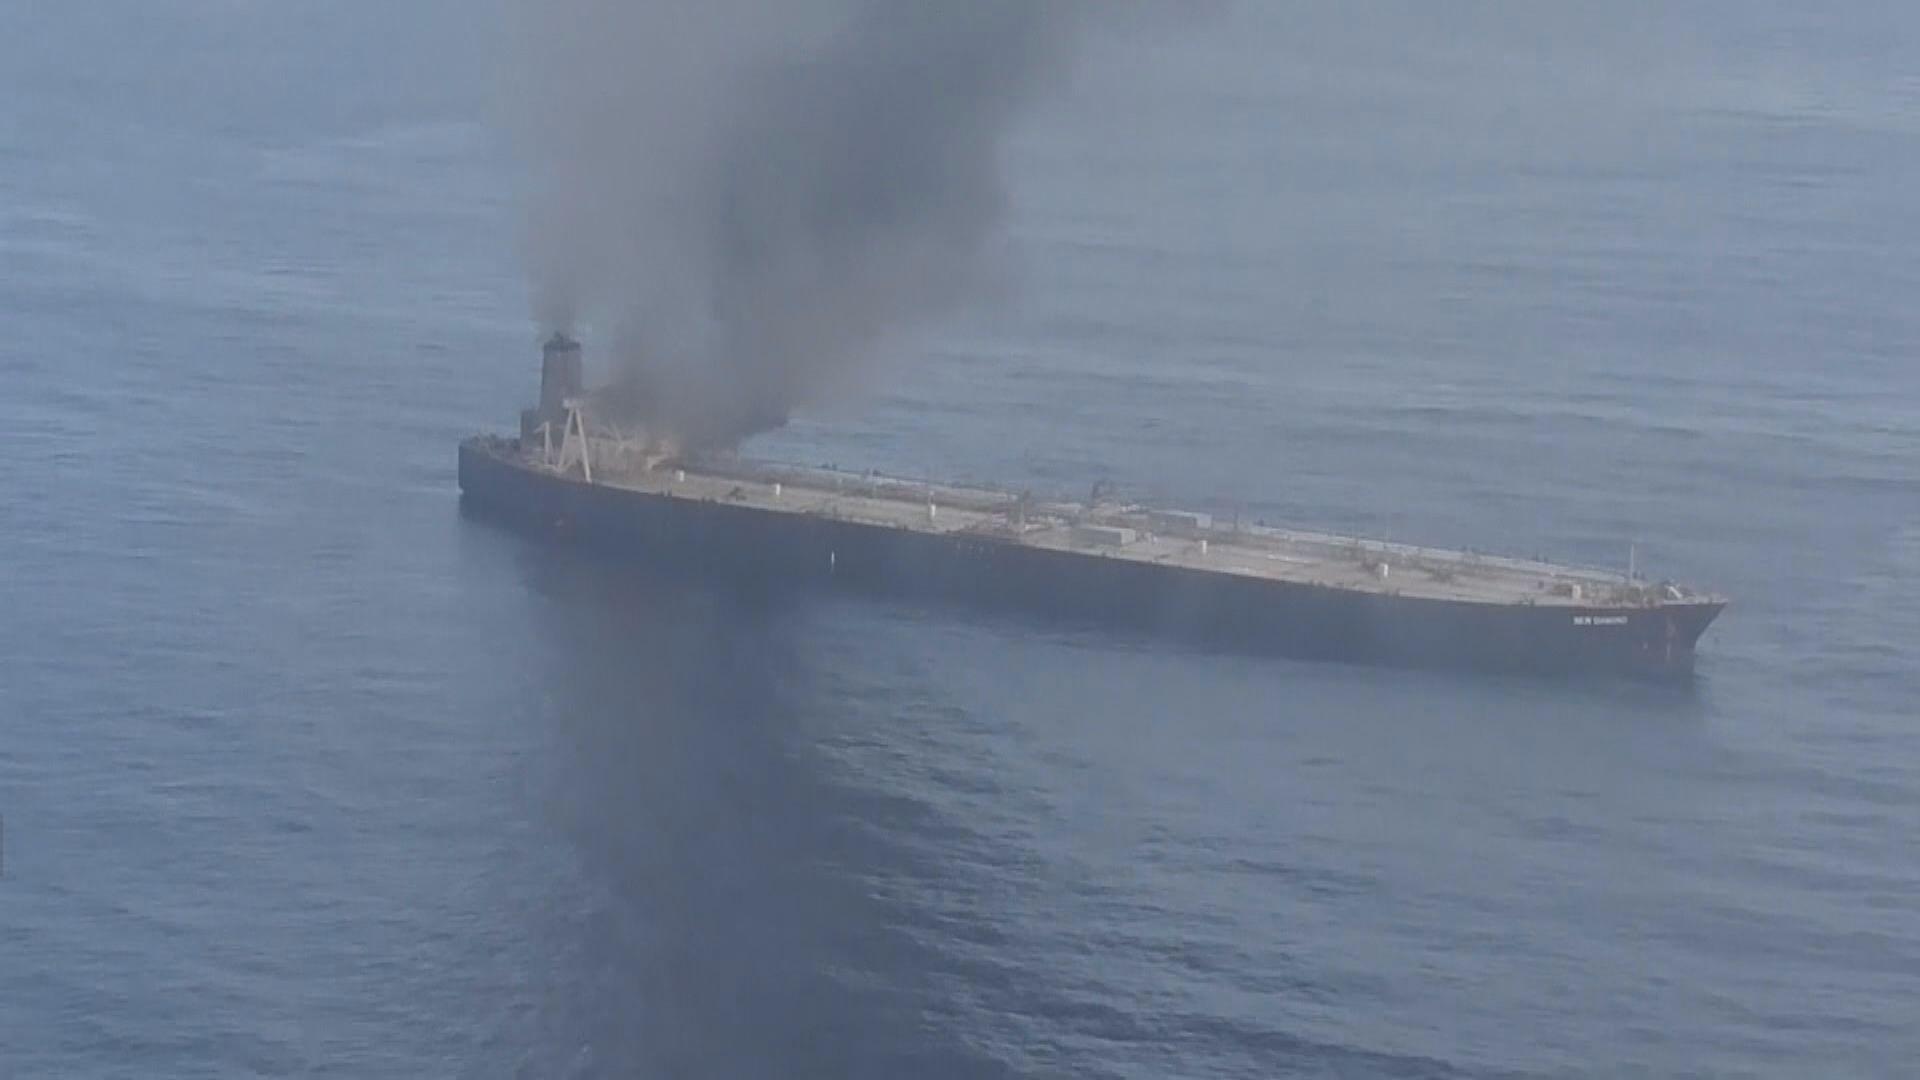 載有27萬噸原油油輪於斯里蘭卡外海起火 暫未漏油